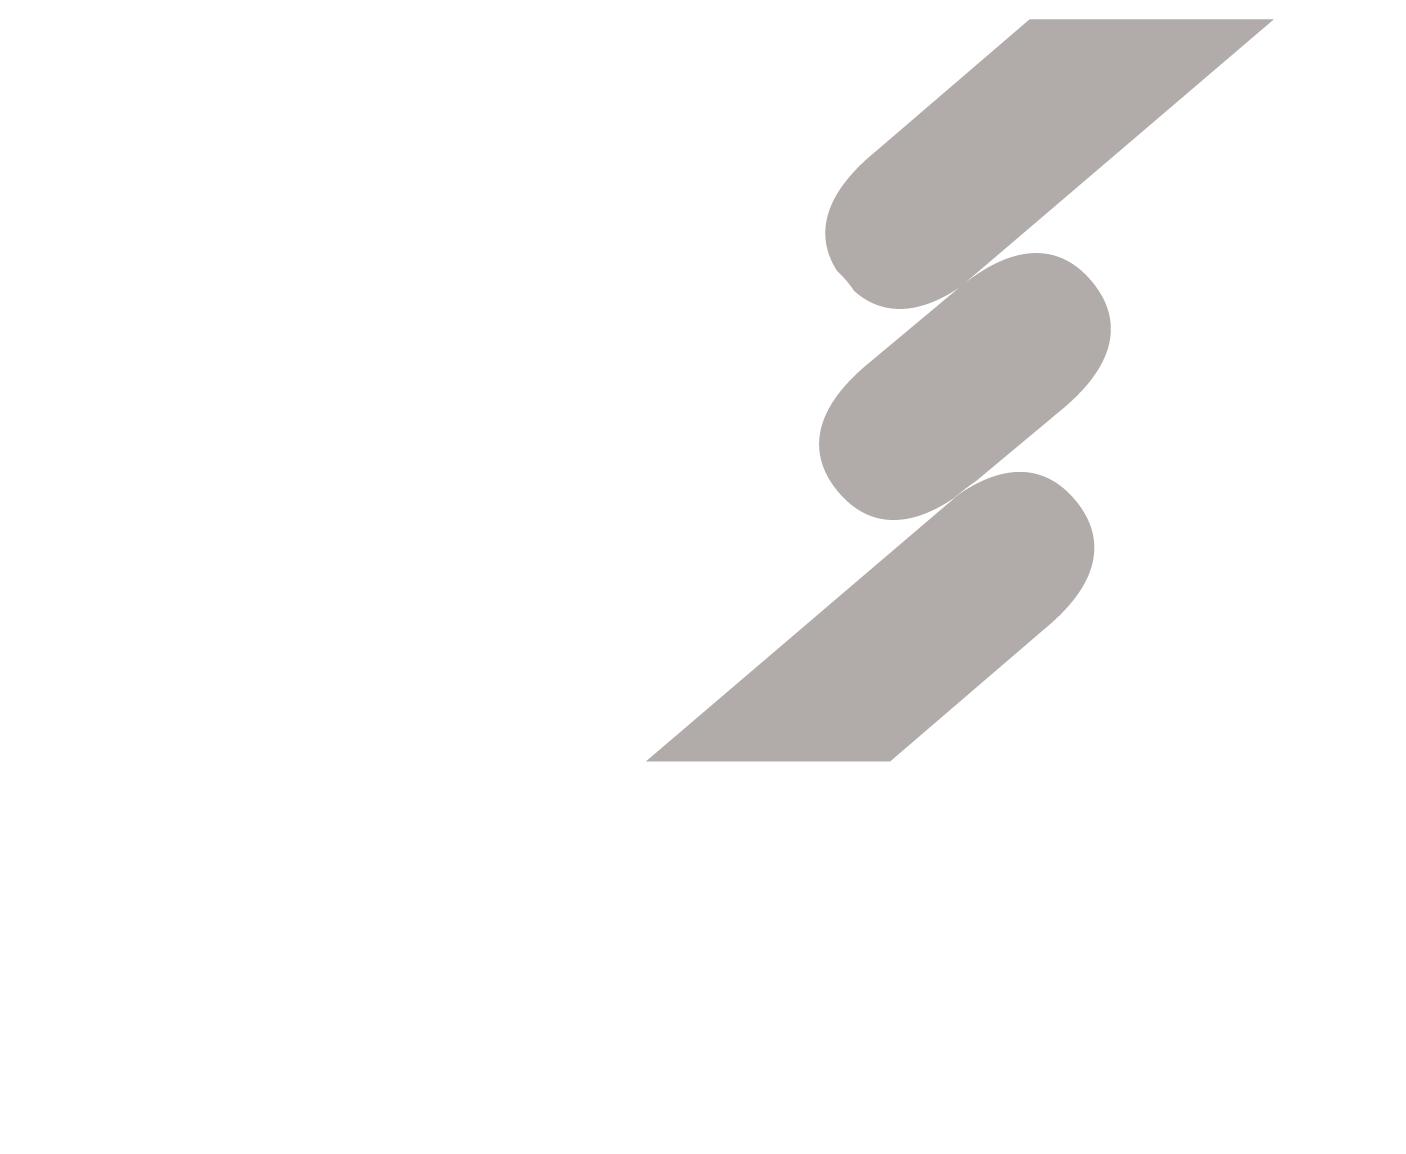 logo-select-vini-q